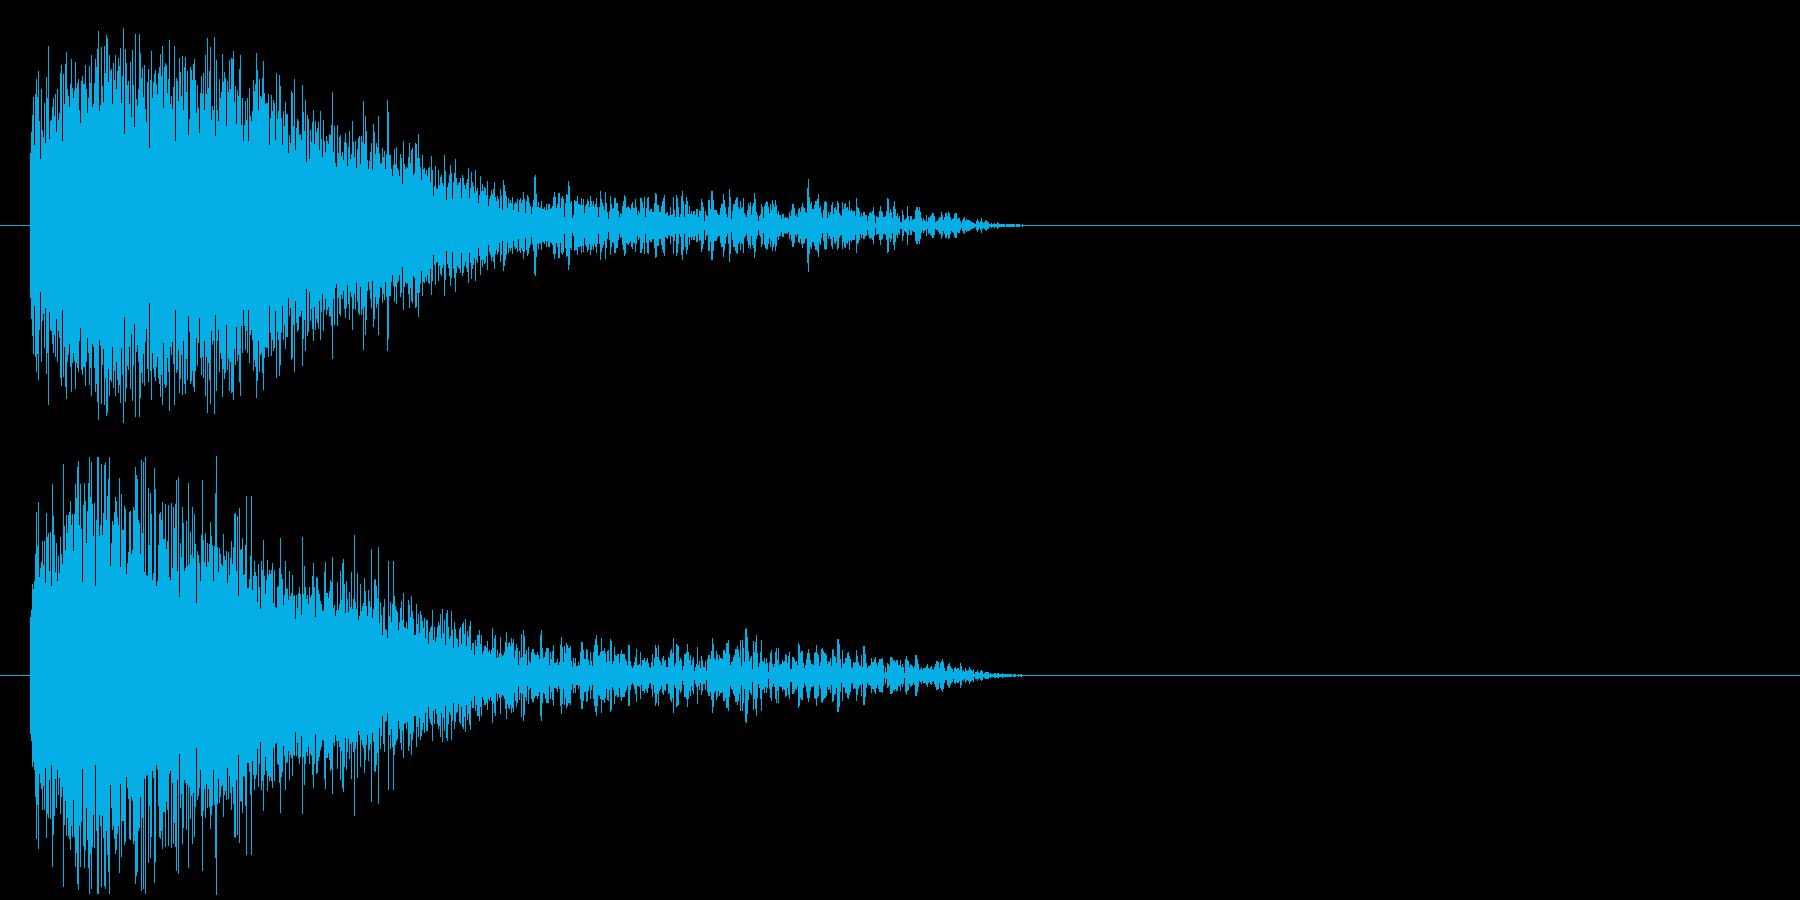 アタック ミサイルの再生済みの波形